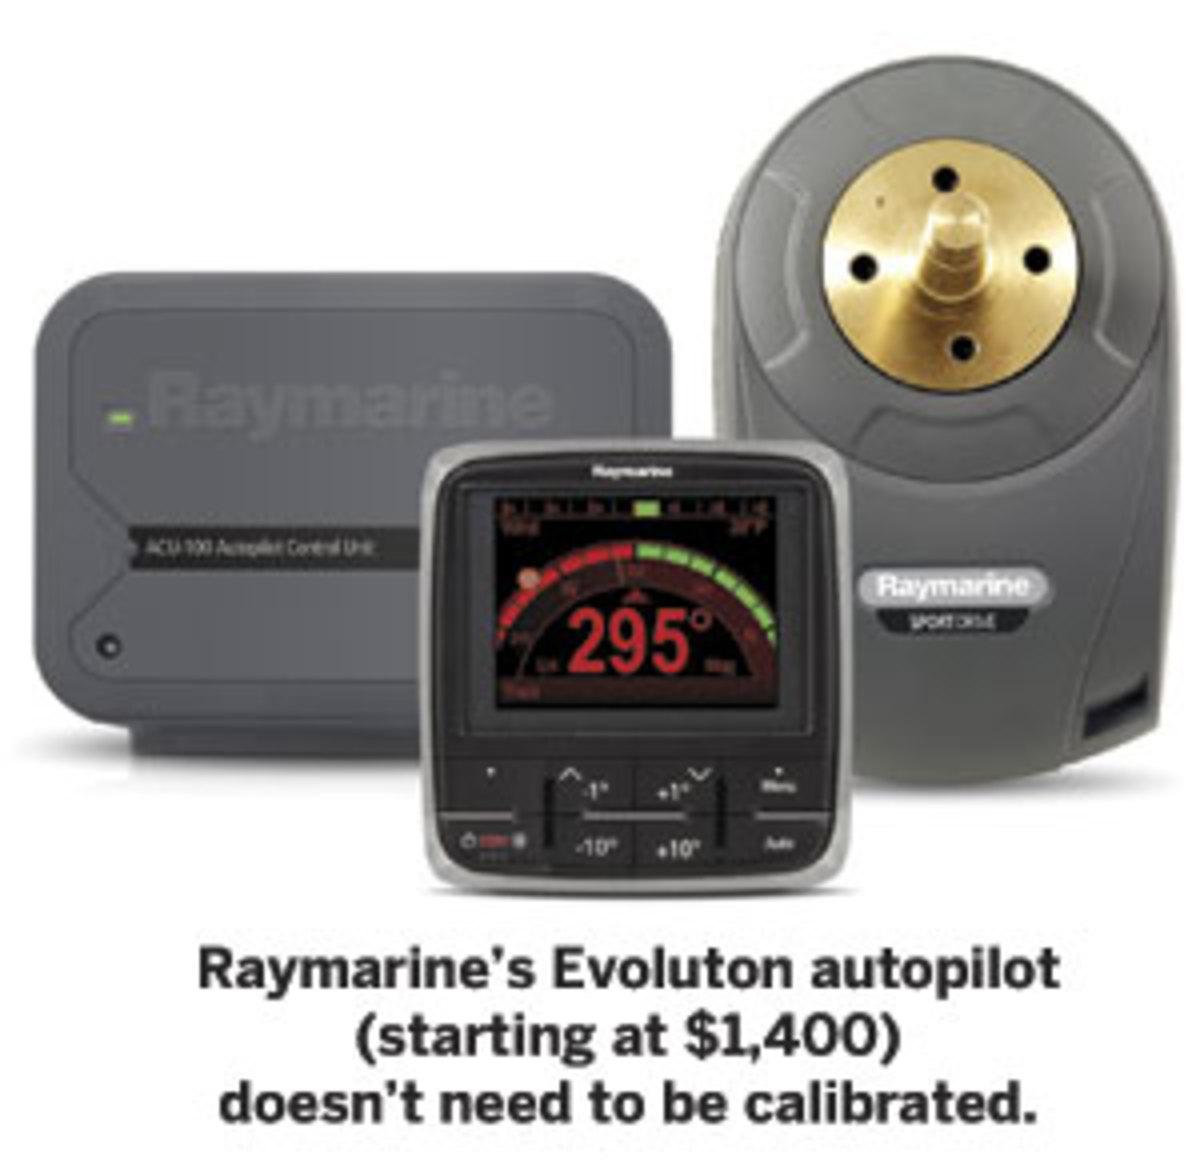 Raymarine's Evoluton autopilot